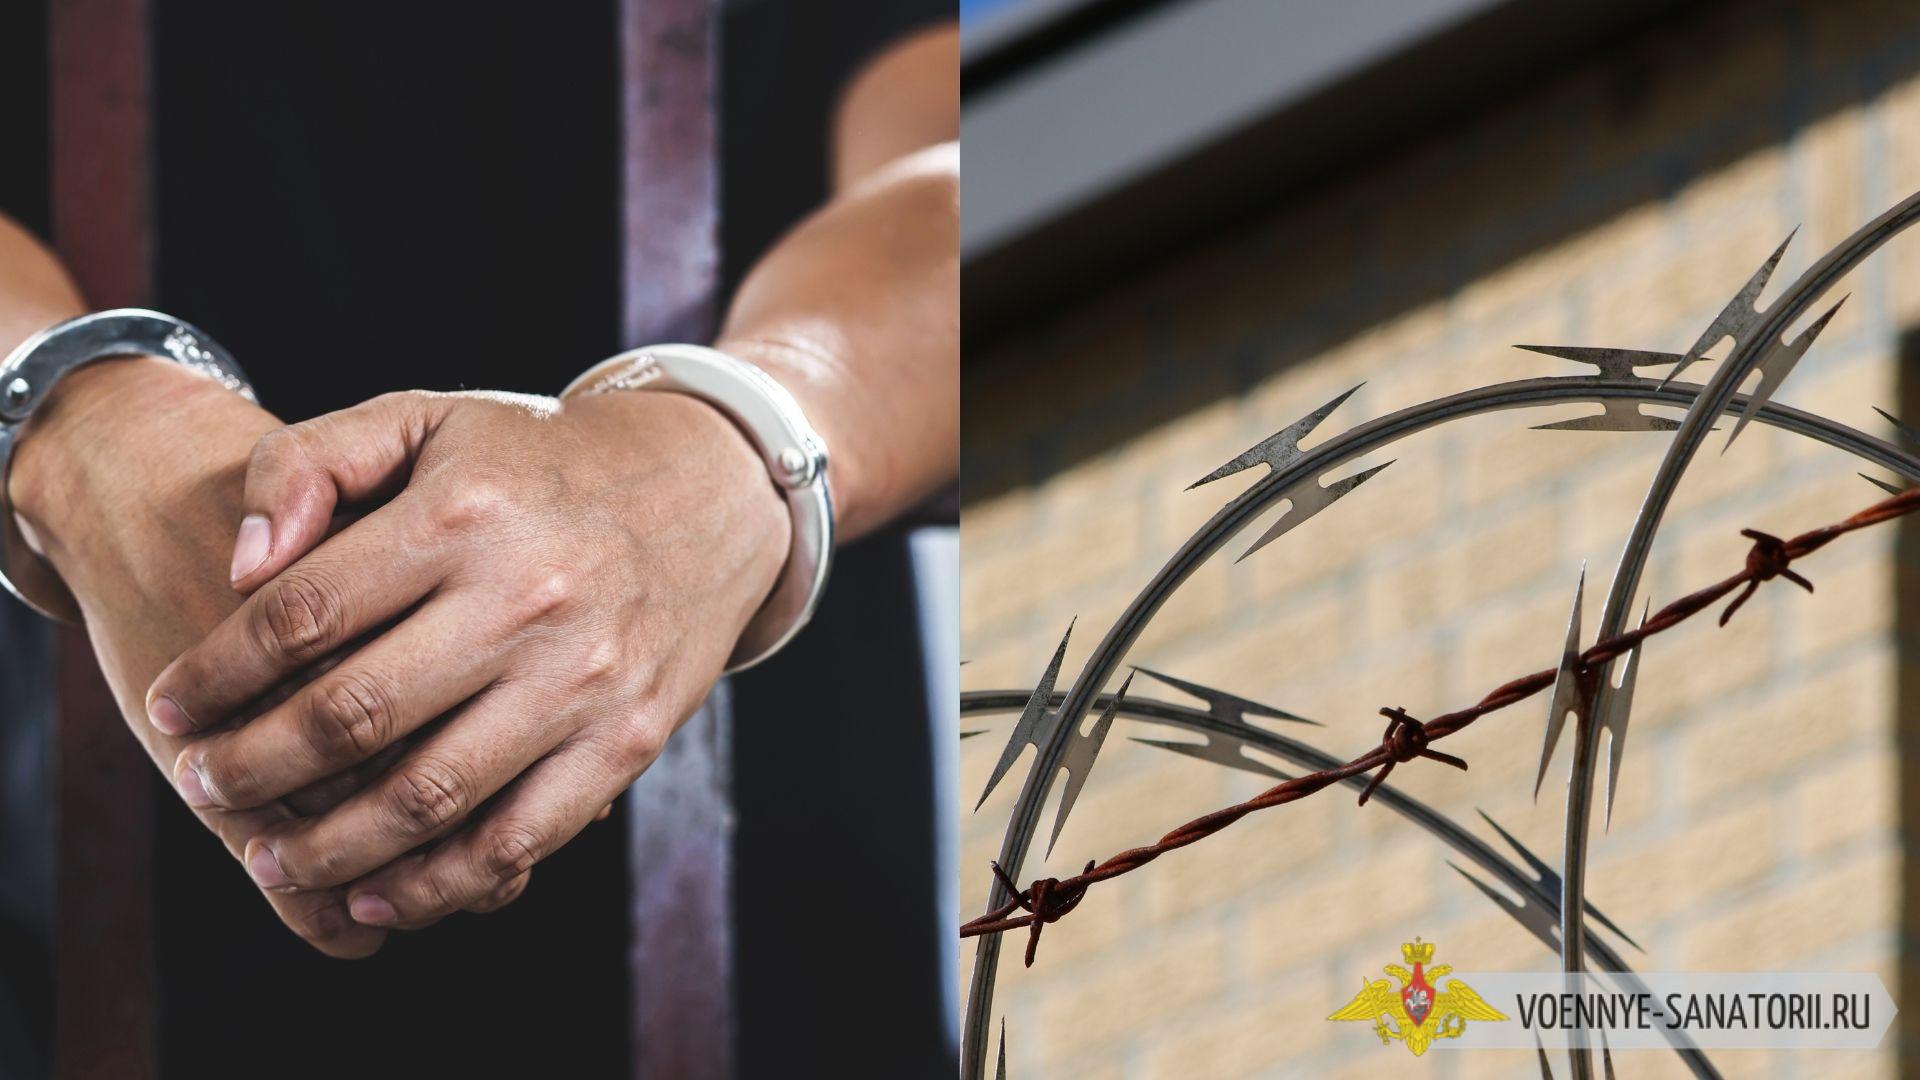 Каким категориям заключенных можно рассчитывать на амнистию в 2021 году и будет ли она вообще